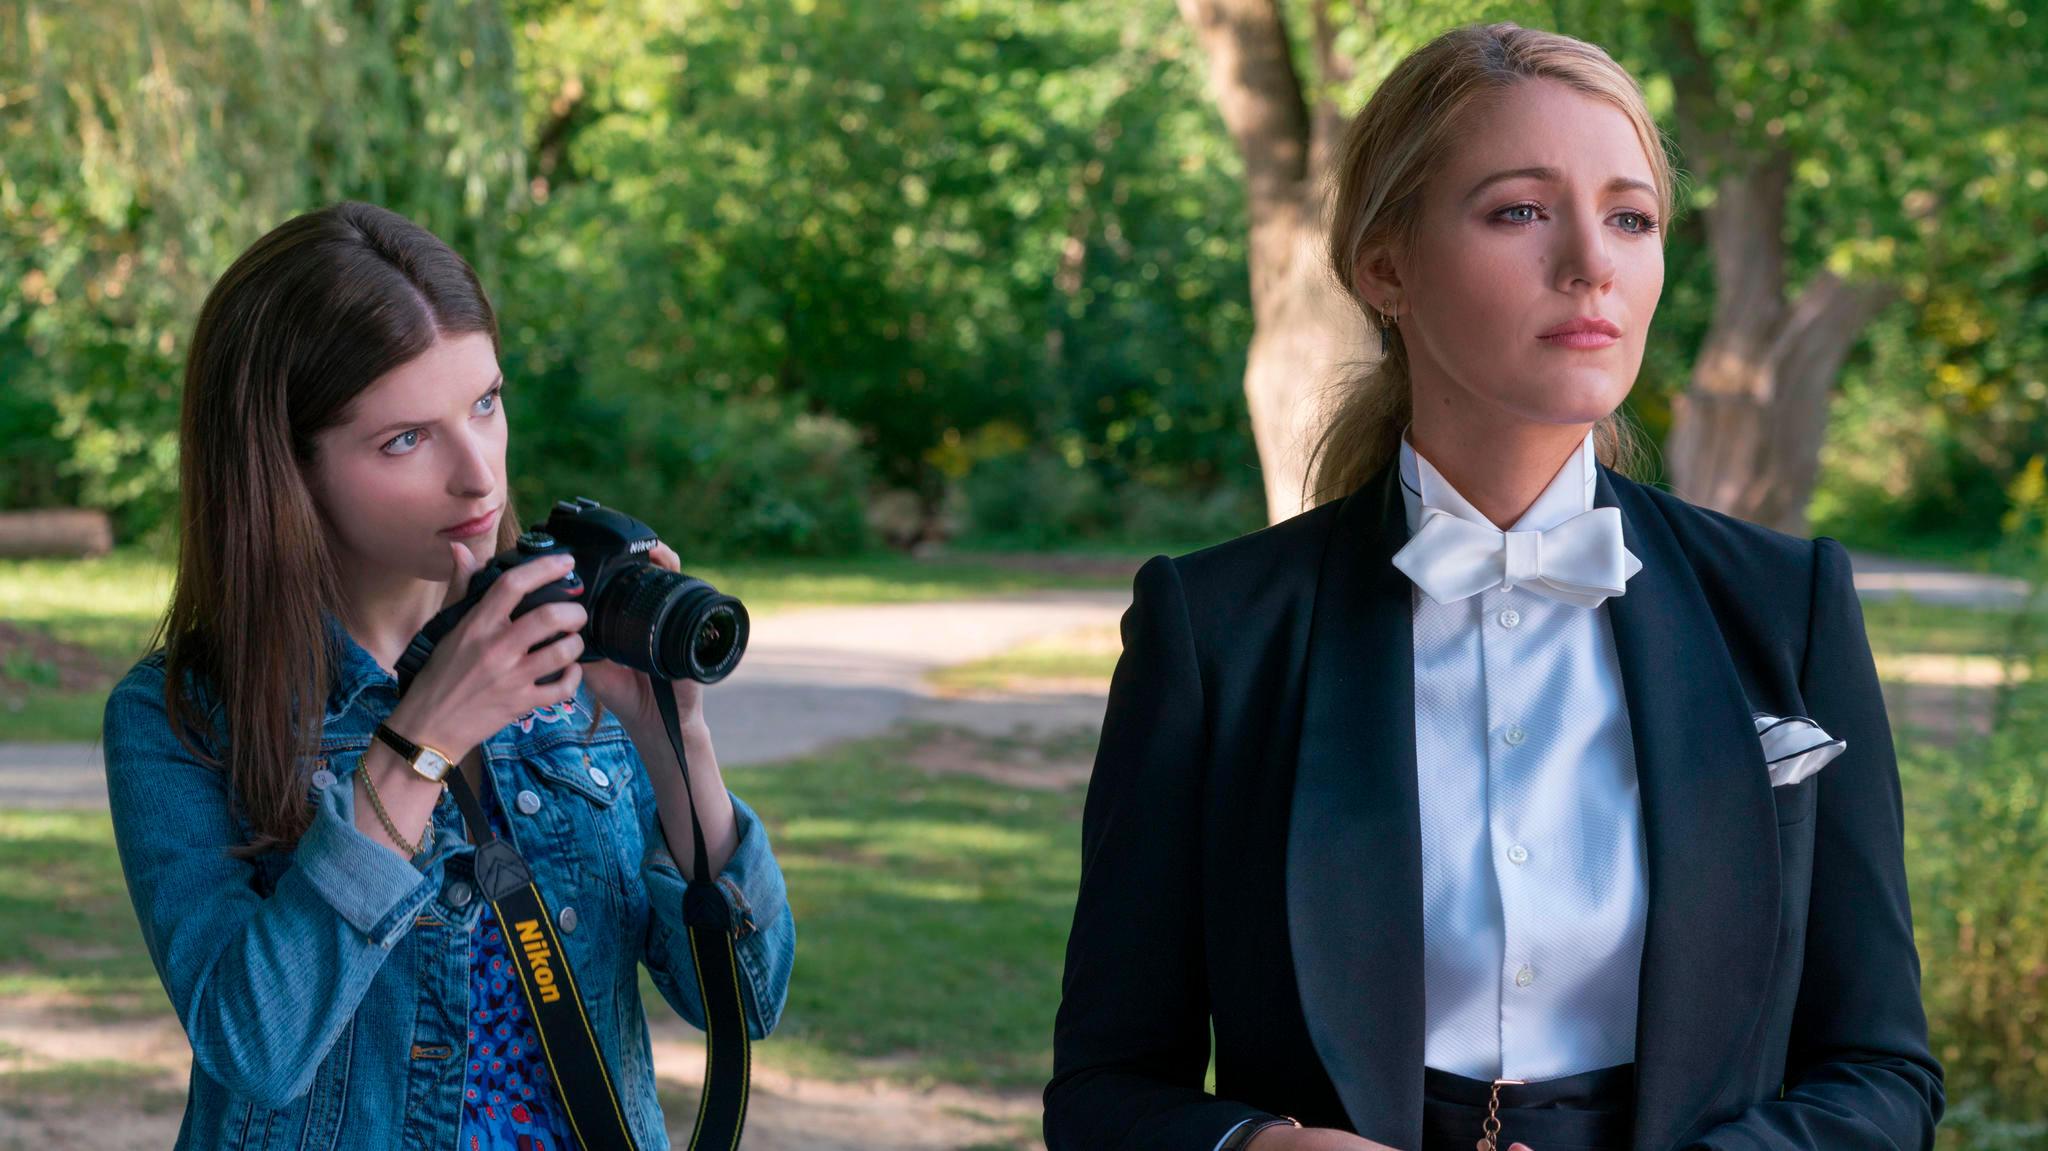 """Filmszene aus """"Nur ein kleiner Gefallen"""" mit Anna Kendrick und Blake Lively"""